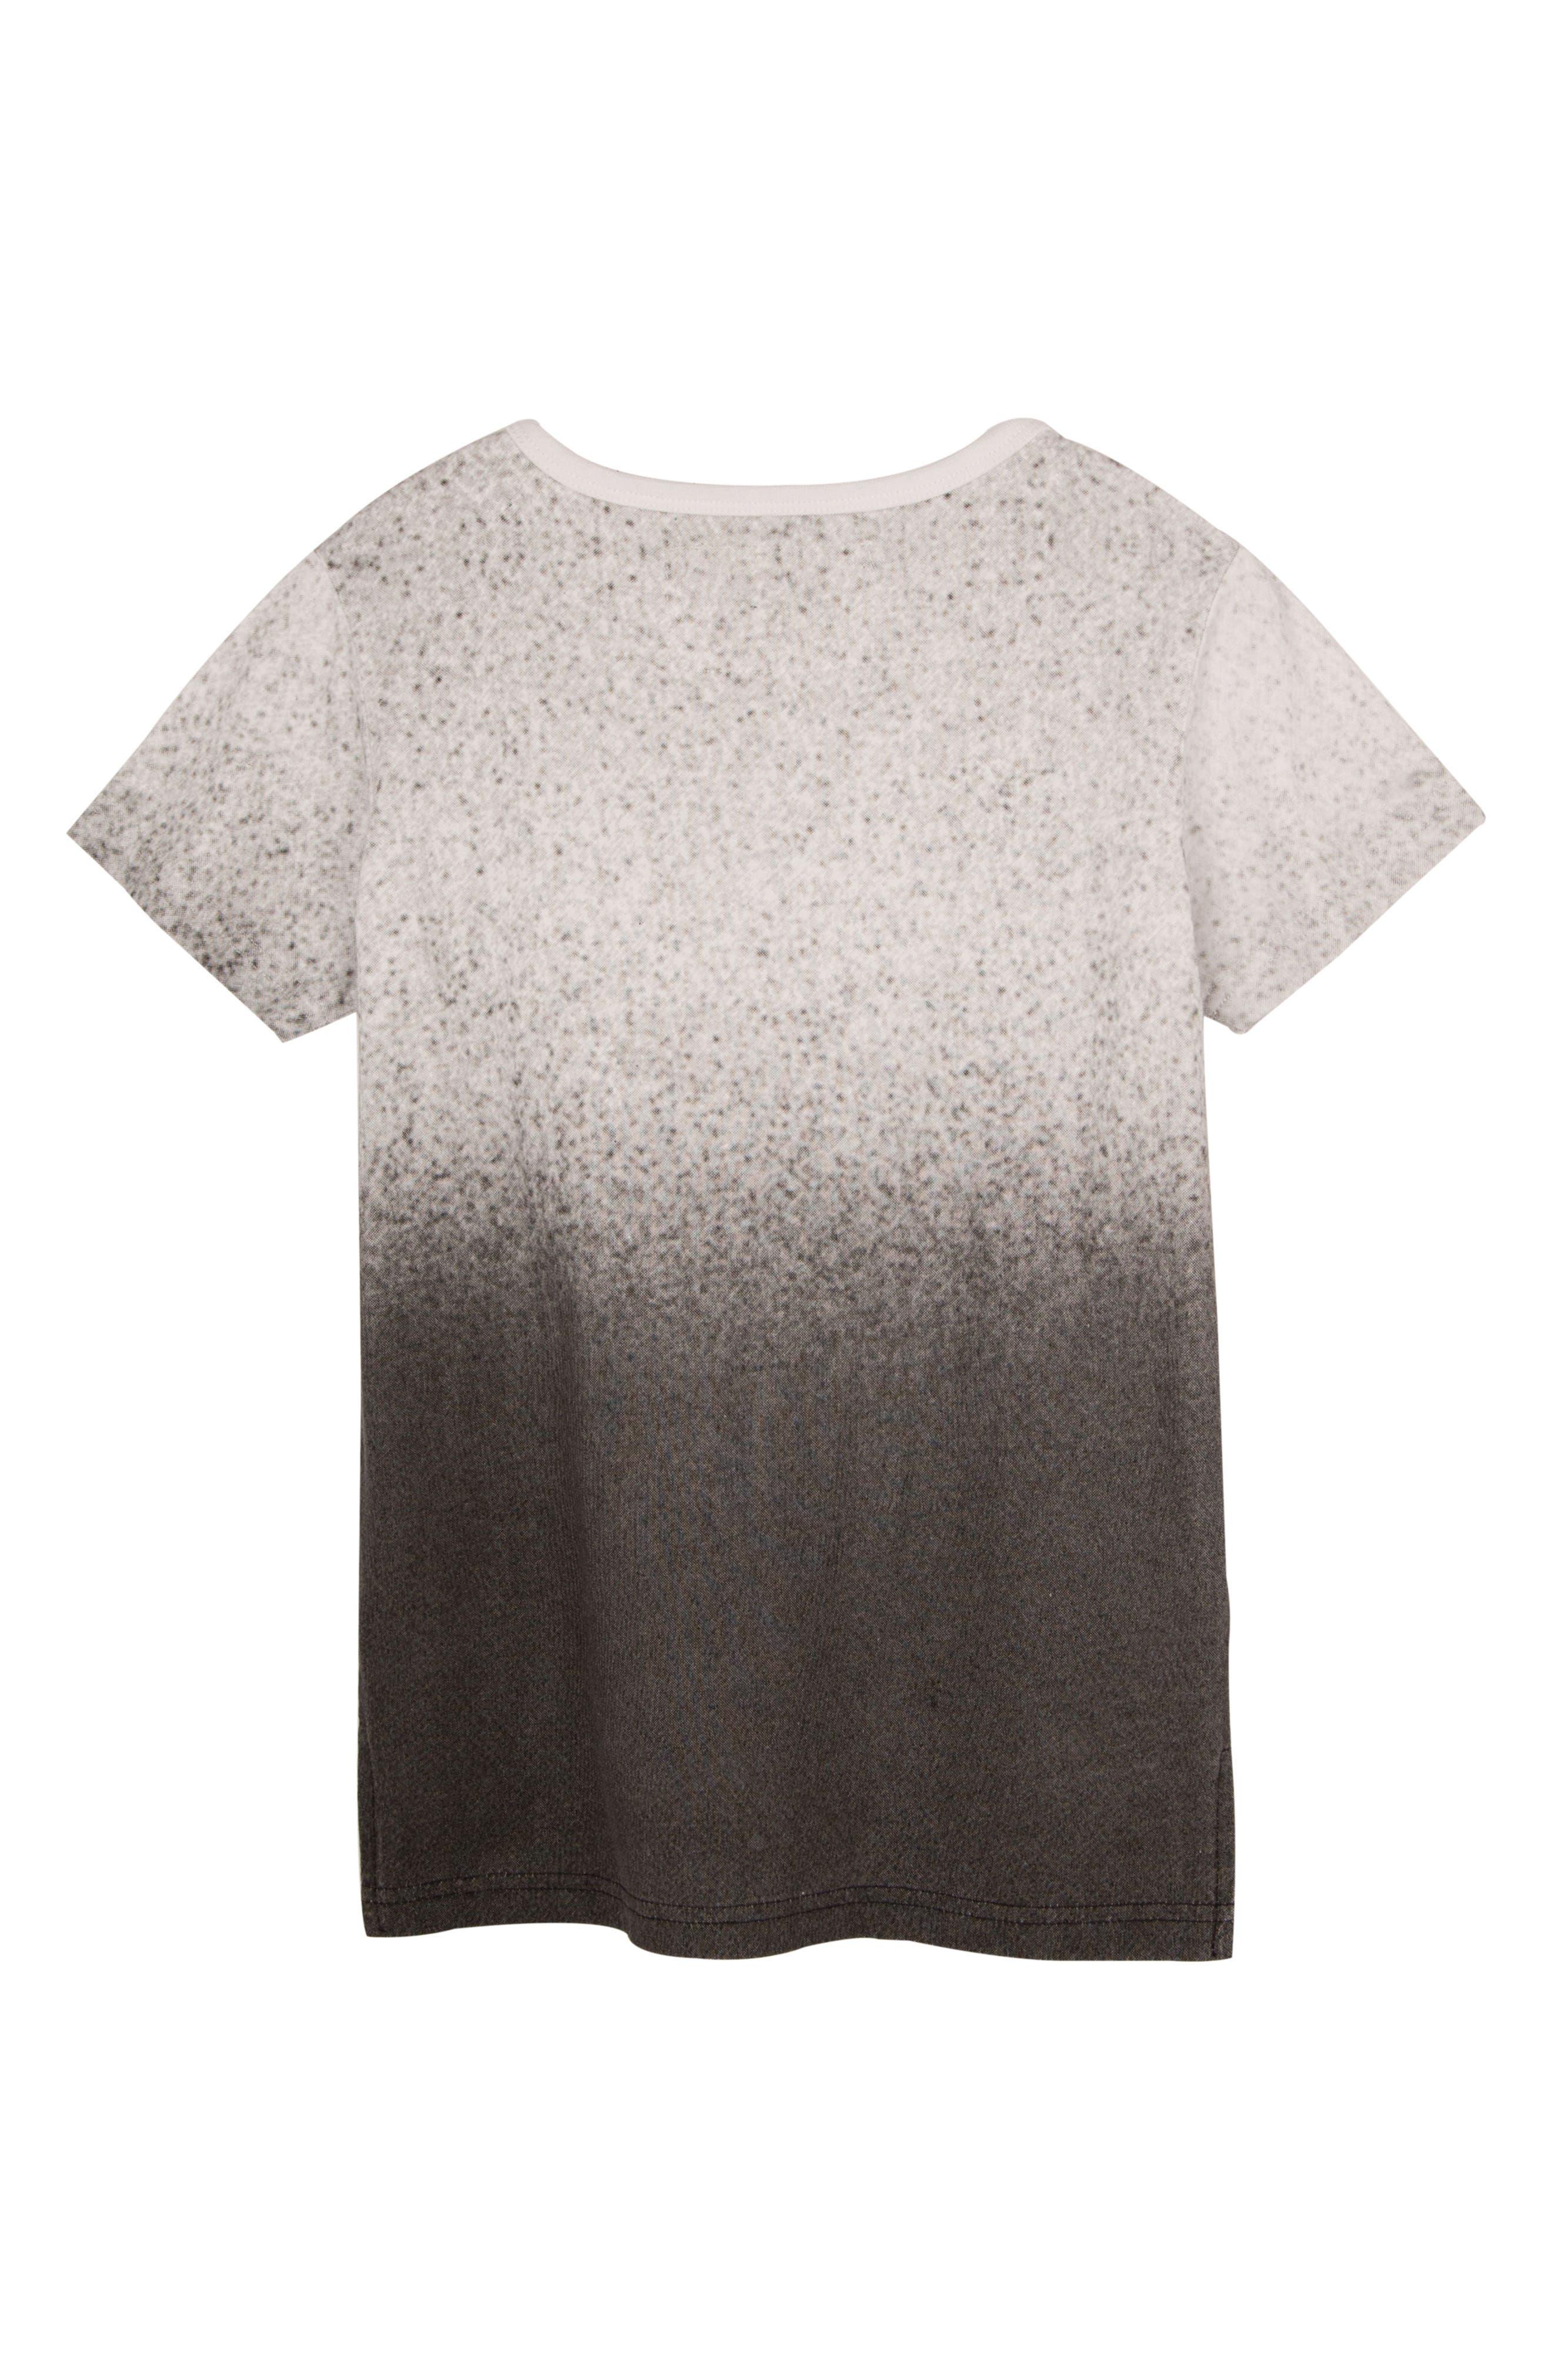 Speckle Gradient T-Shirt,                             Alternate thumbnail 2, color,                             WHITE